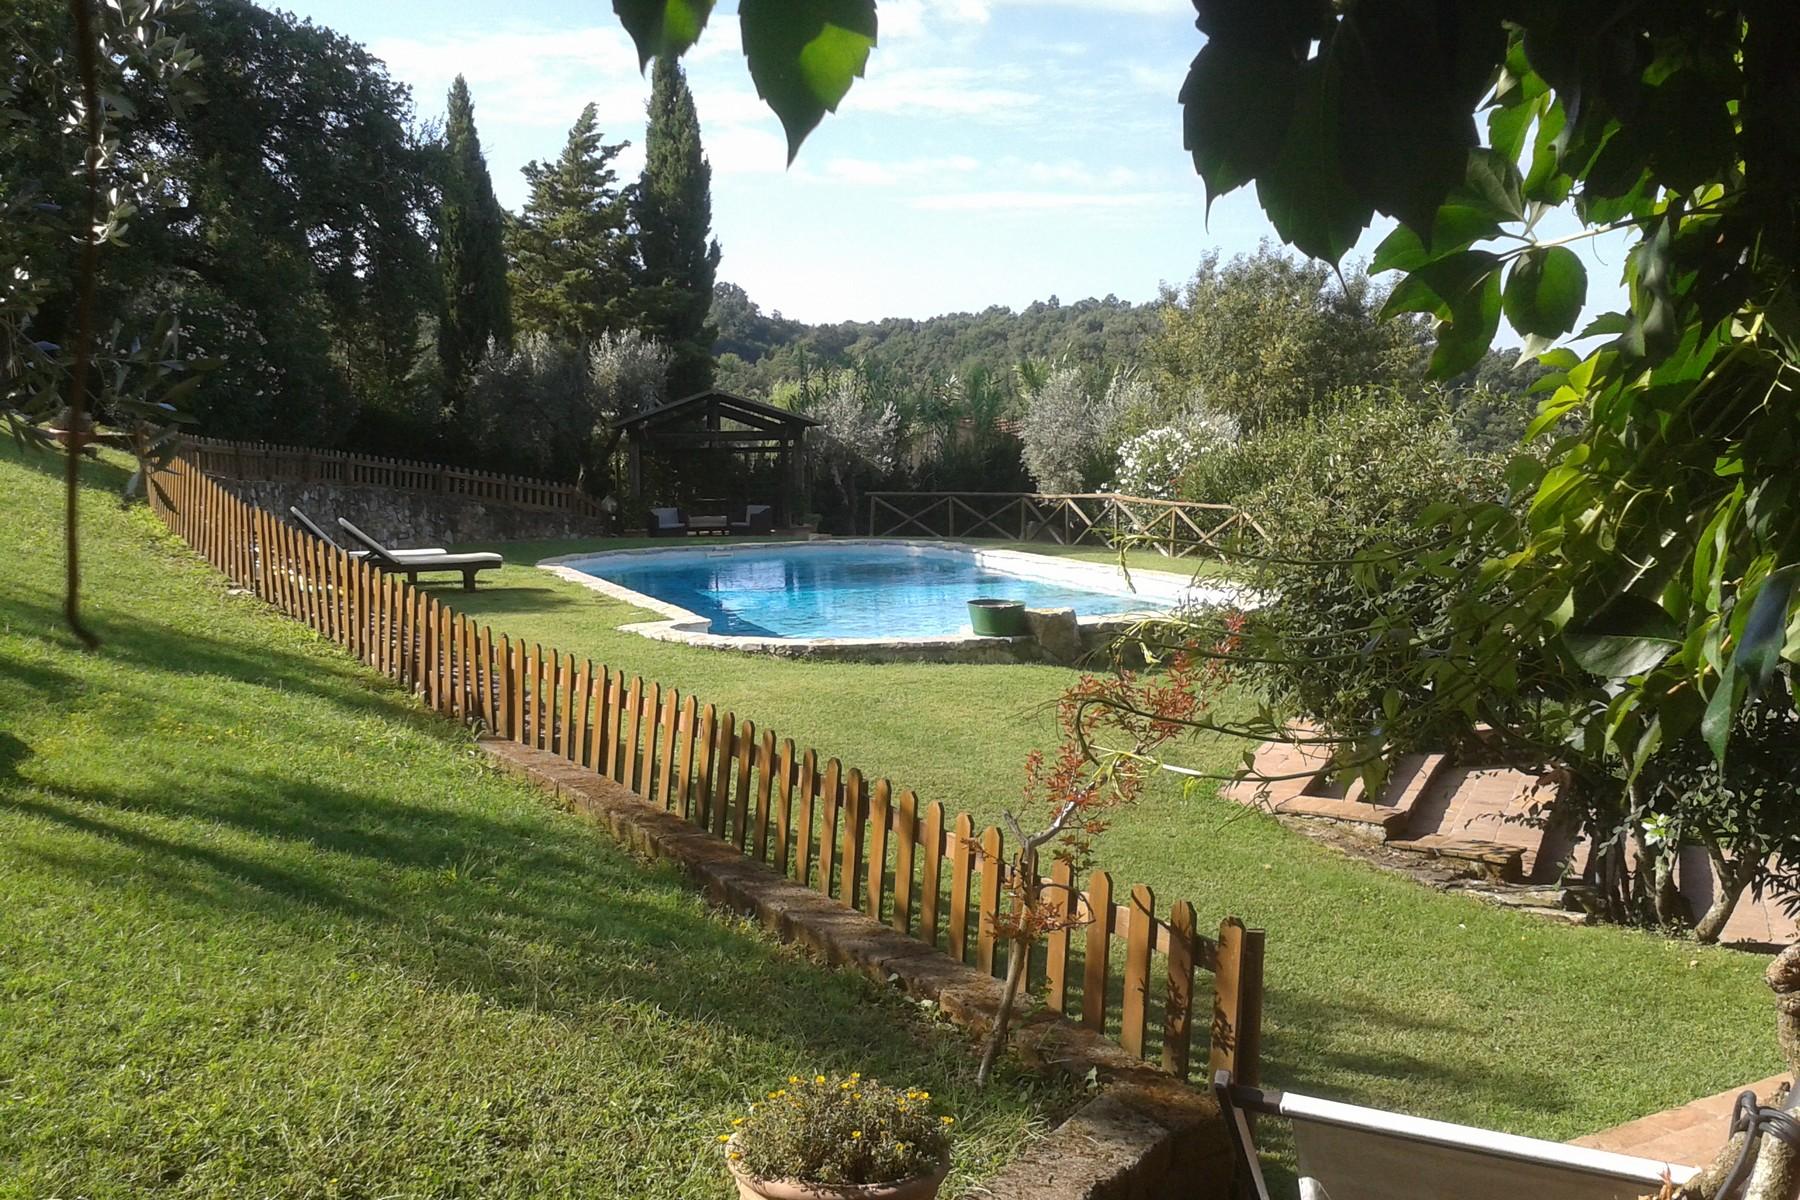 Rustico in Vendita a Manciano: 5 locali, 247 mq - Foto 11